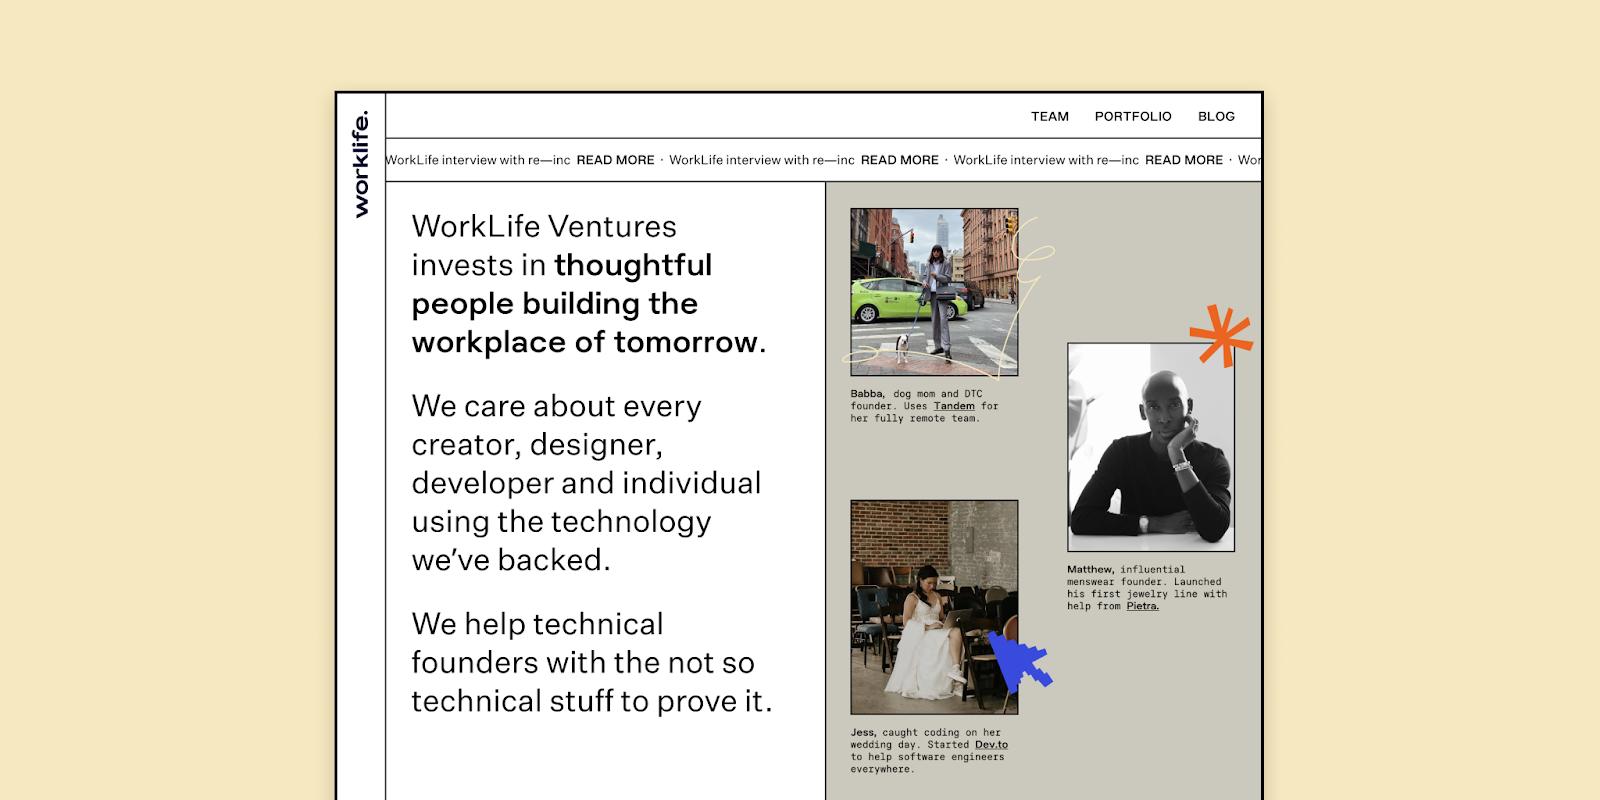 Screenshot of worklife website